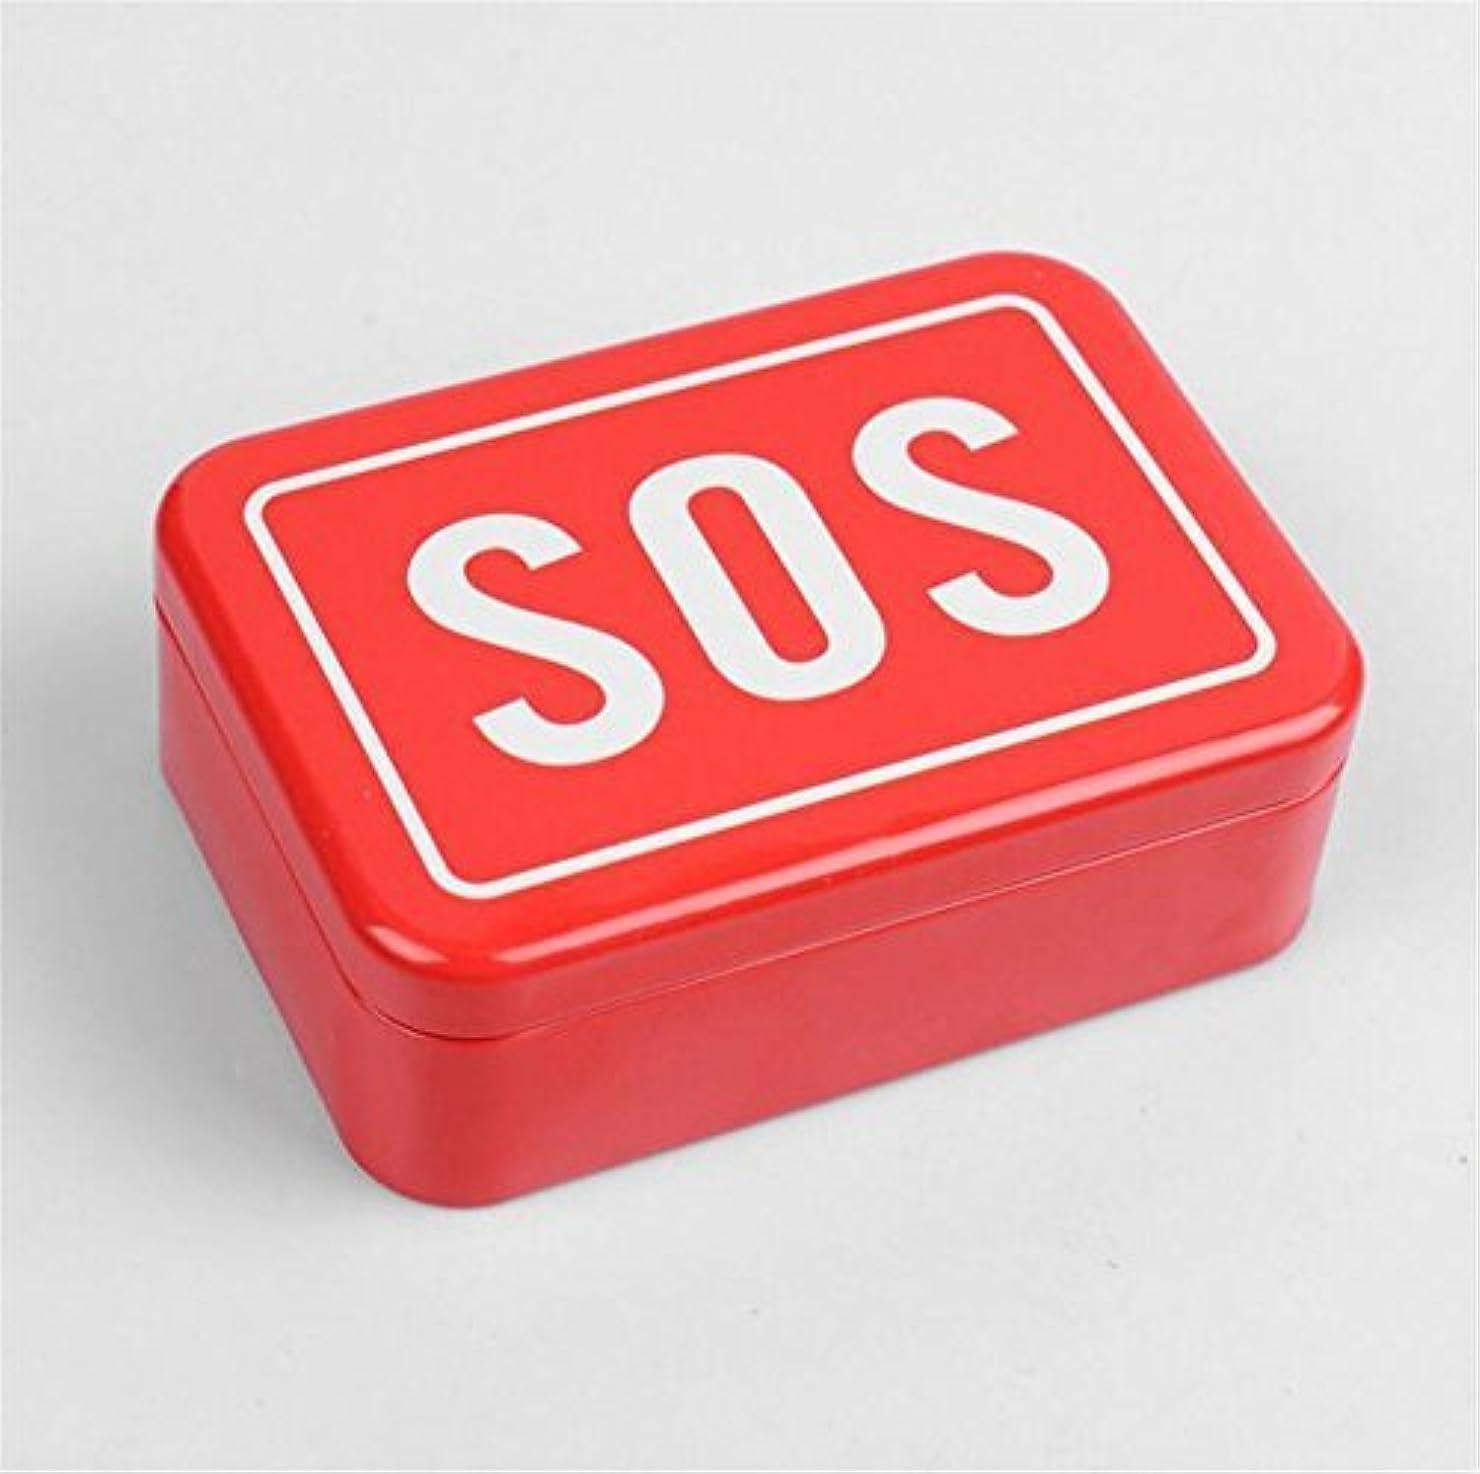 アーティキュレーション丈夫増幅するRaiFu 応急処置ボックス SOS 多機能 ポータブル アウトドア